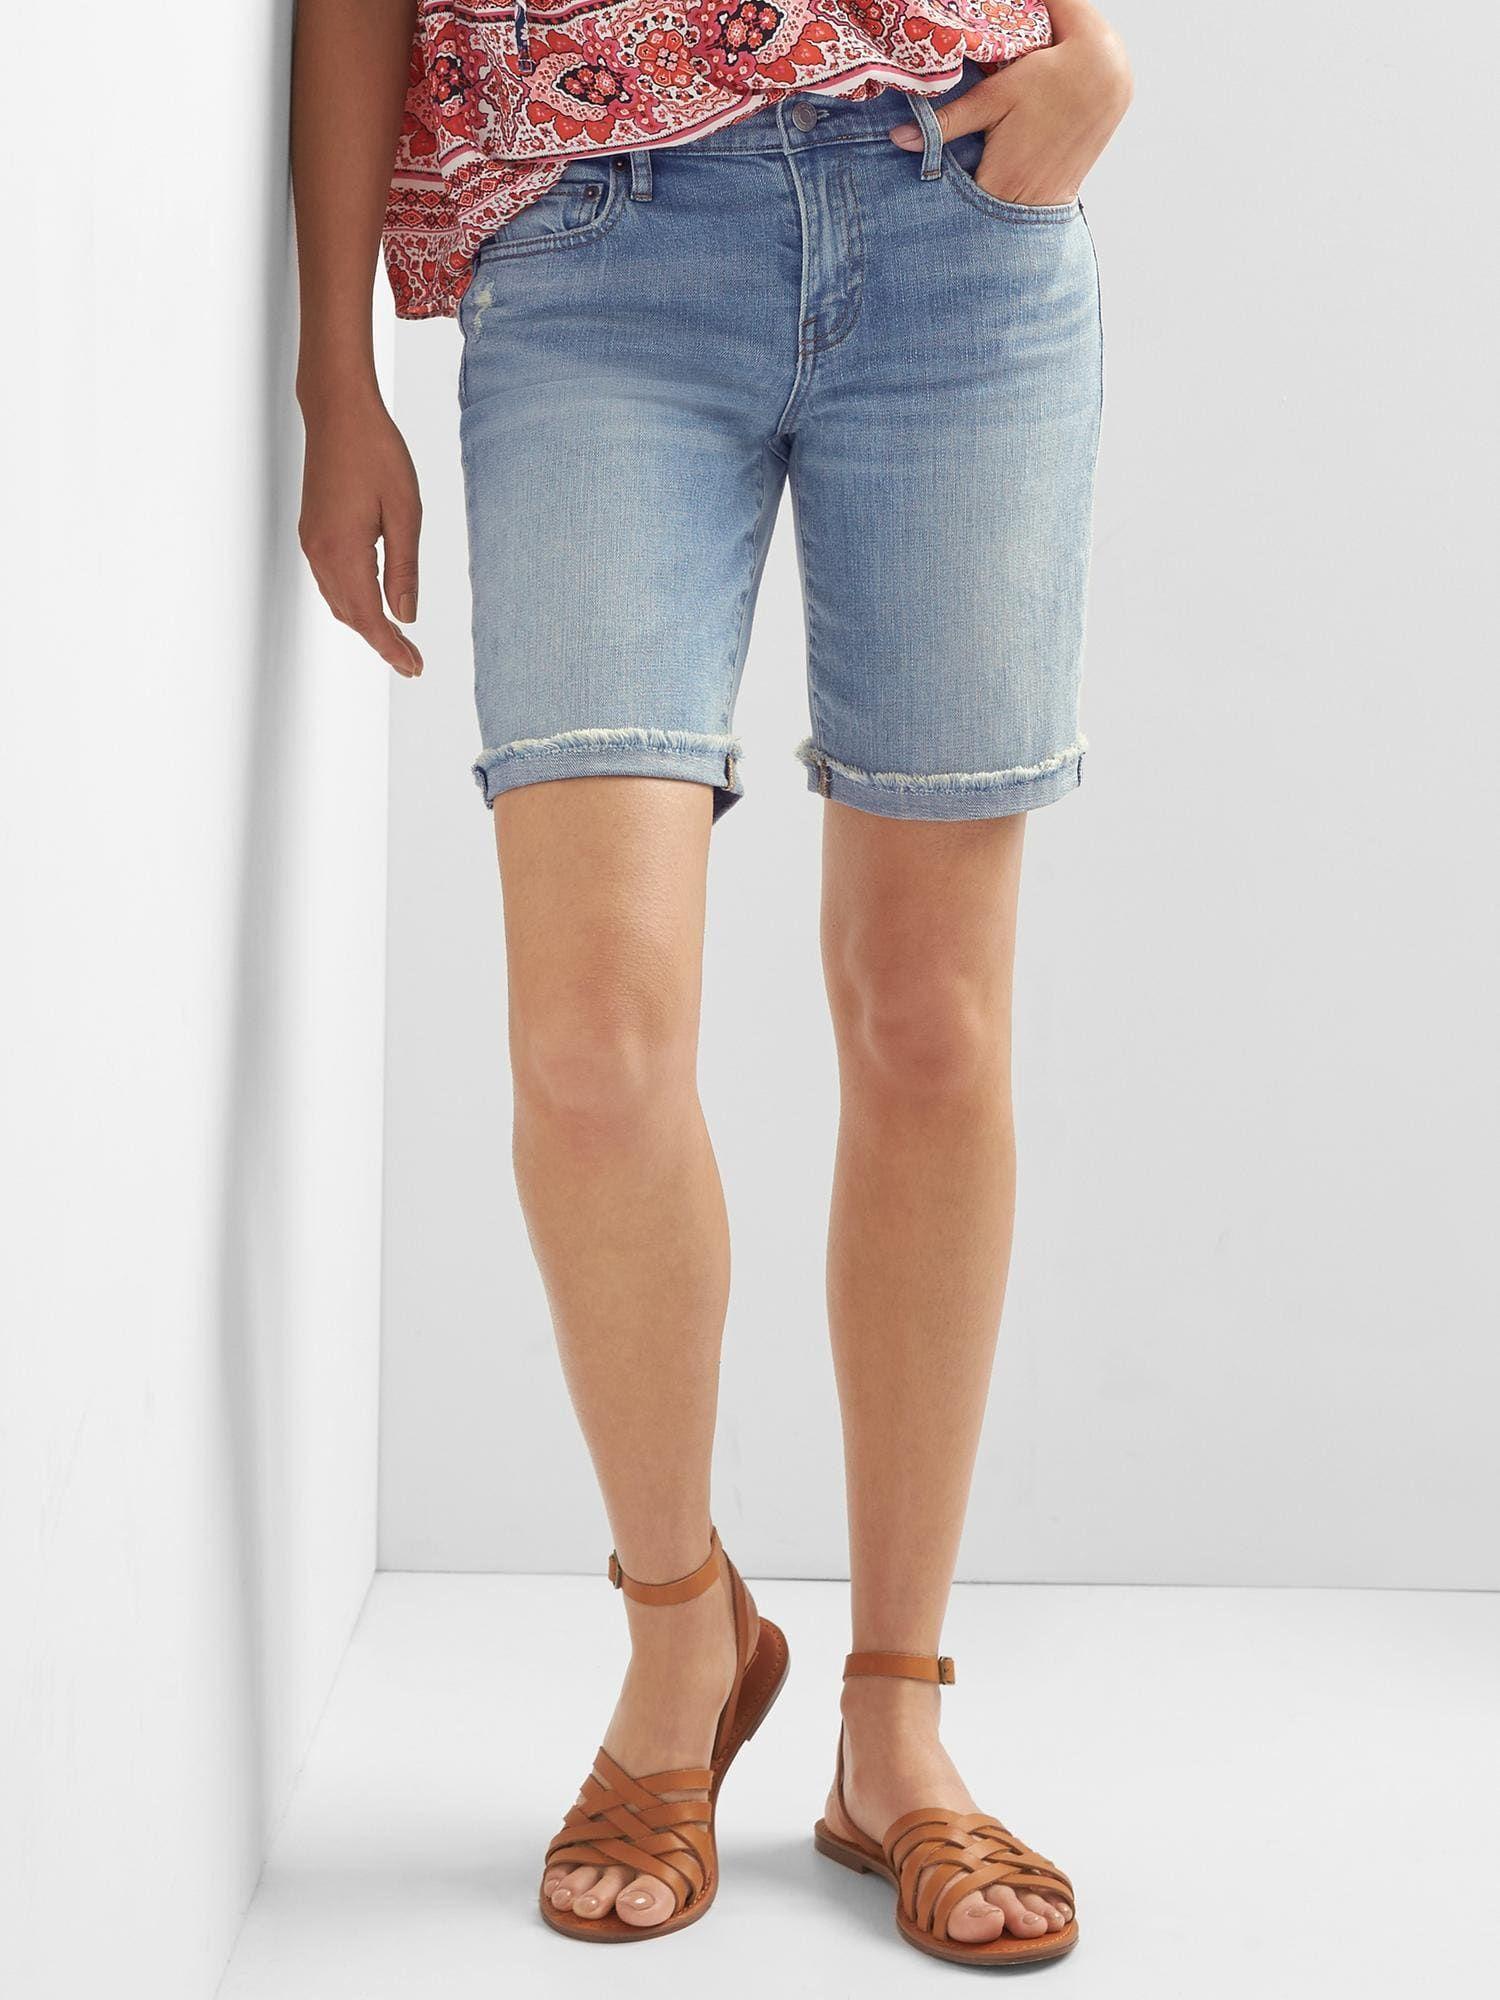 Mid Rise 9 Denim Bermuda Shorts Gap High Waisted Jean Shorts